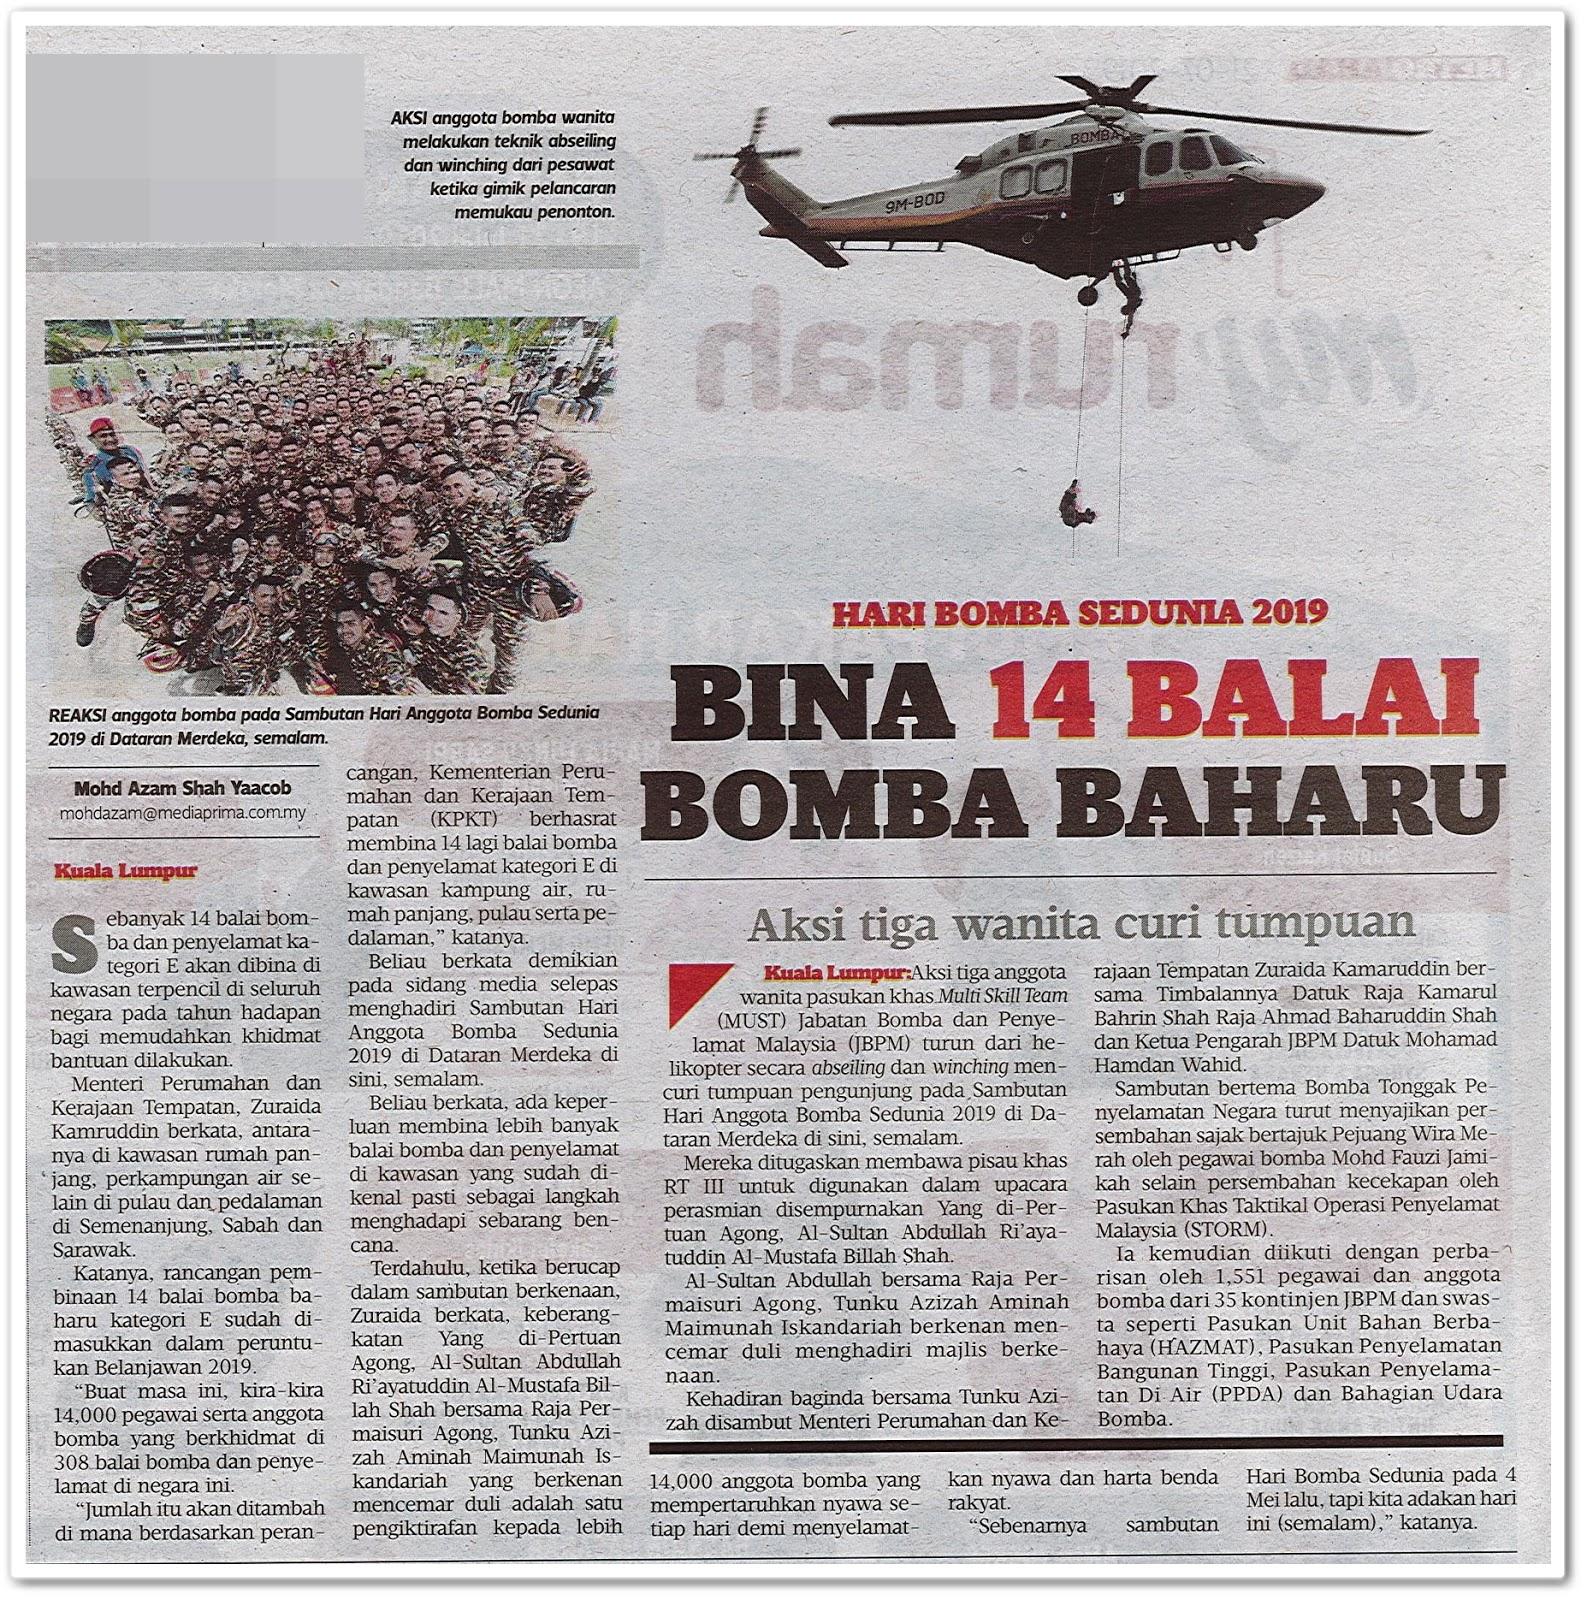 Bina 14 balai bomba baharu - Keratan akhbar Metro Ahad 21 Julai 2019